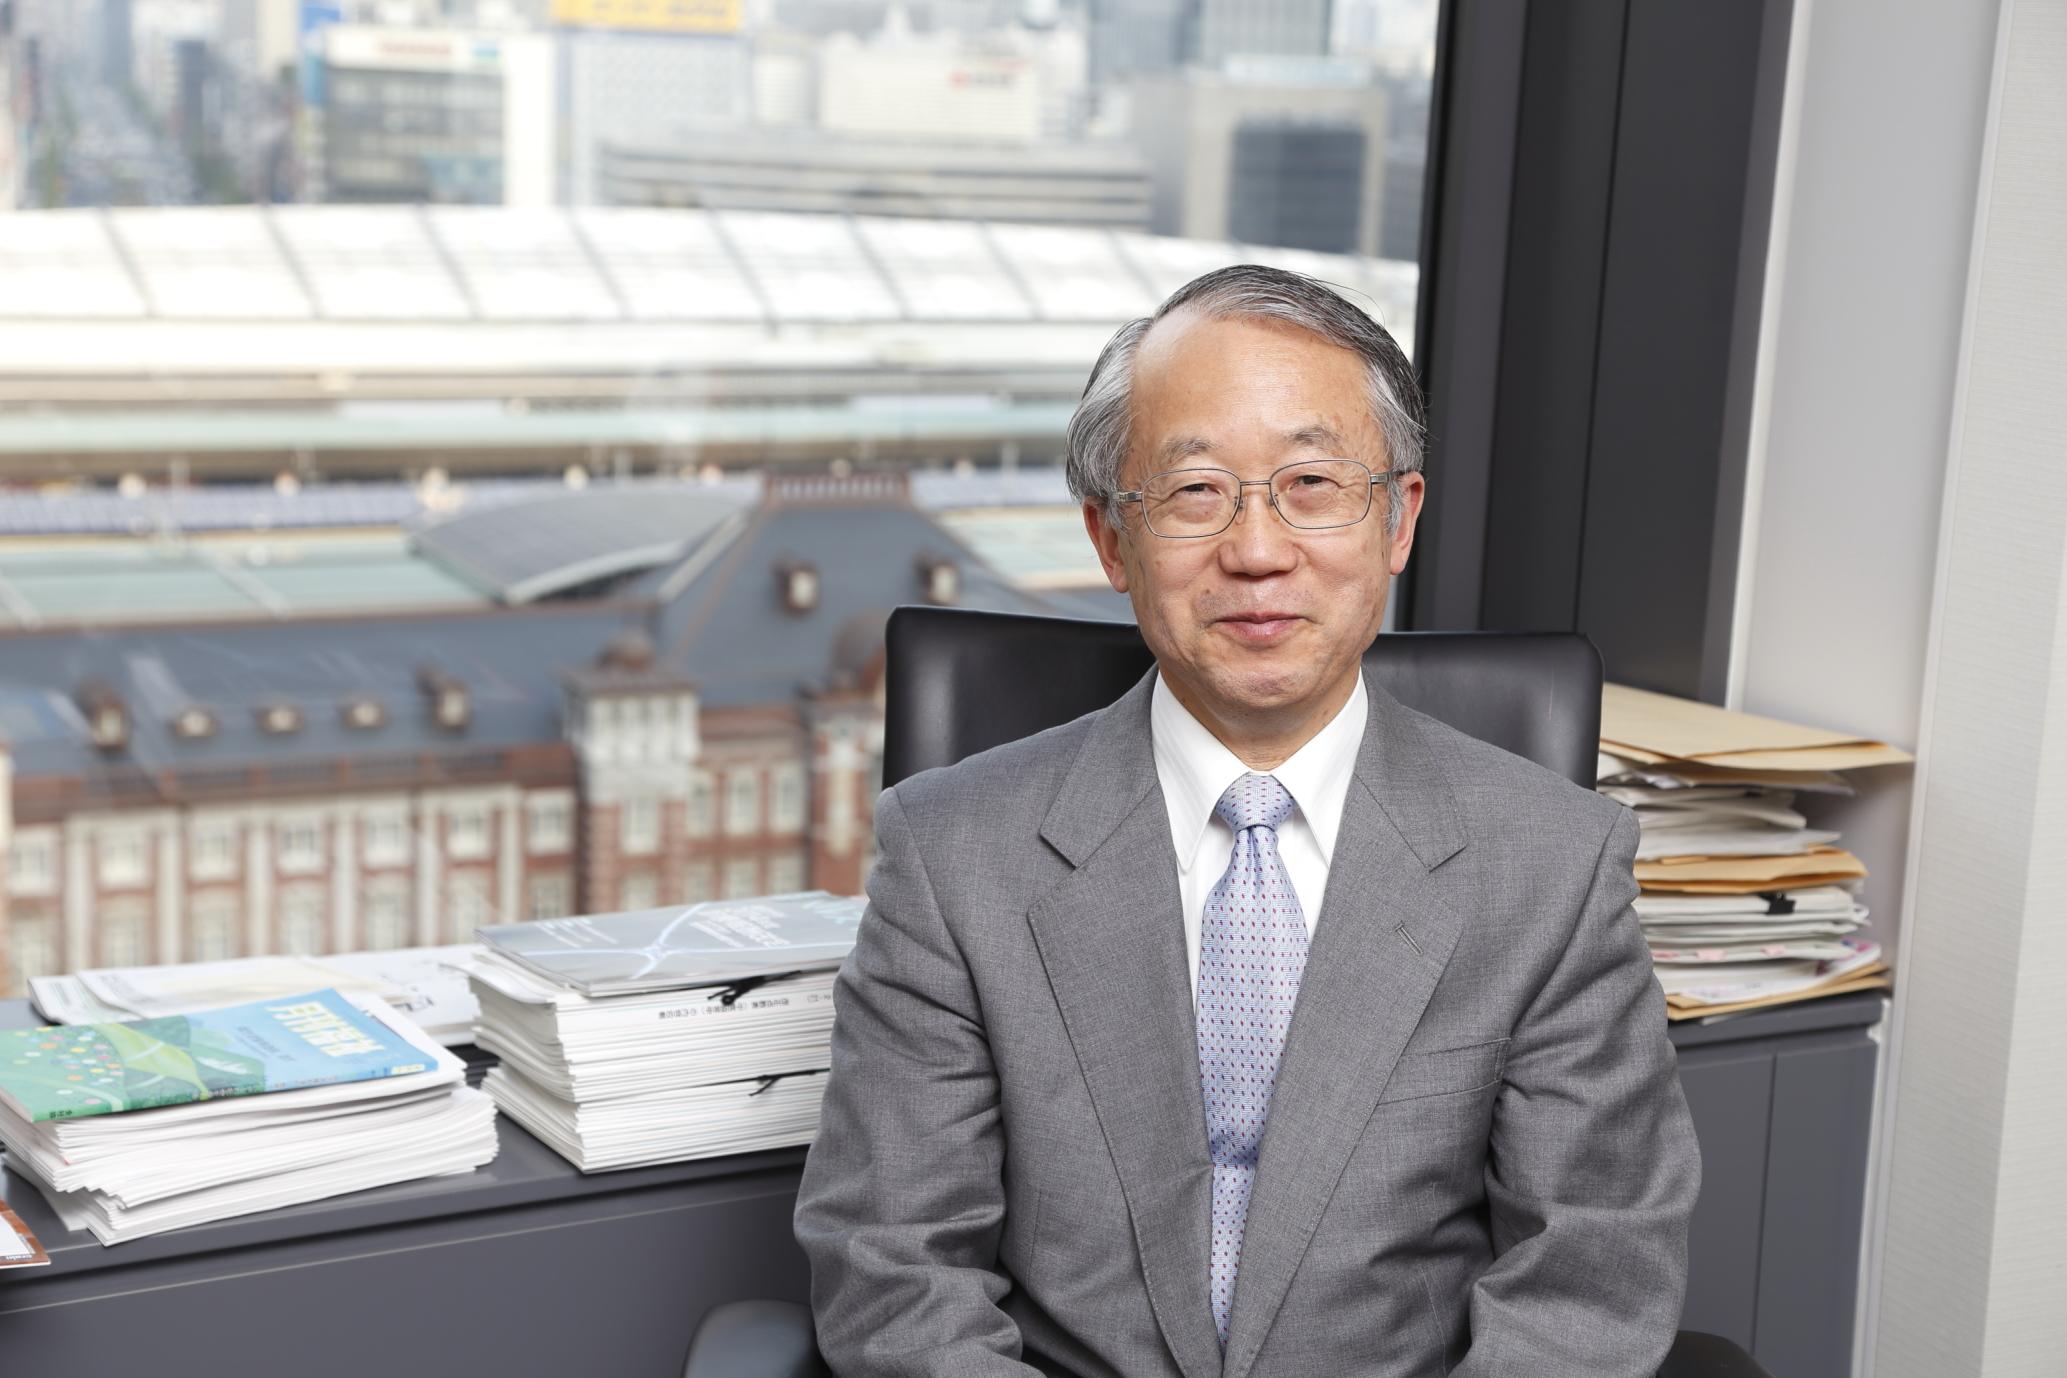 日本における医療DXは遅れている?――諸外国との比較